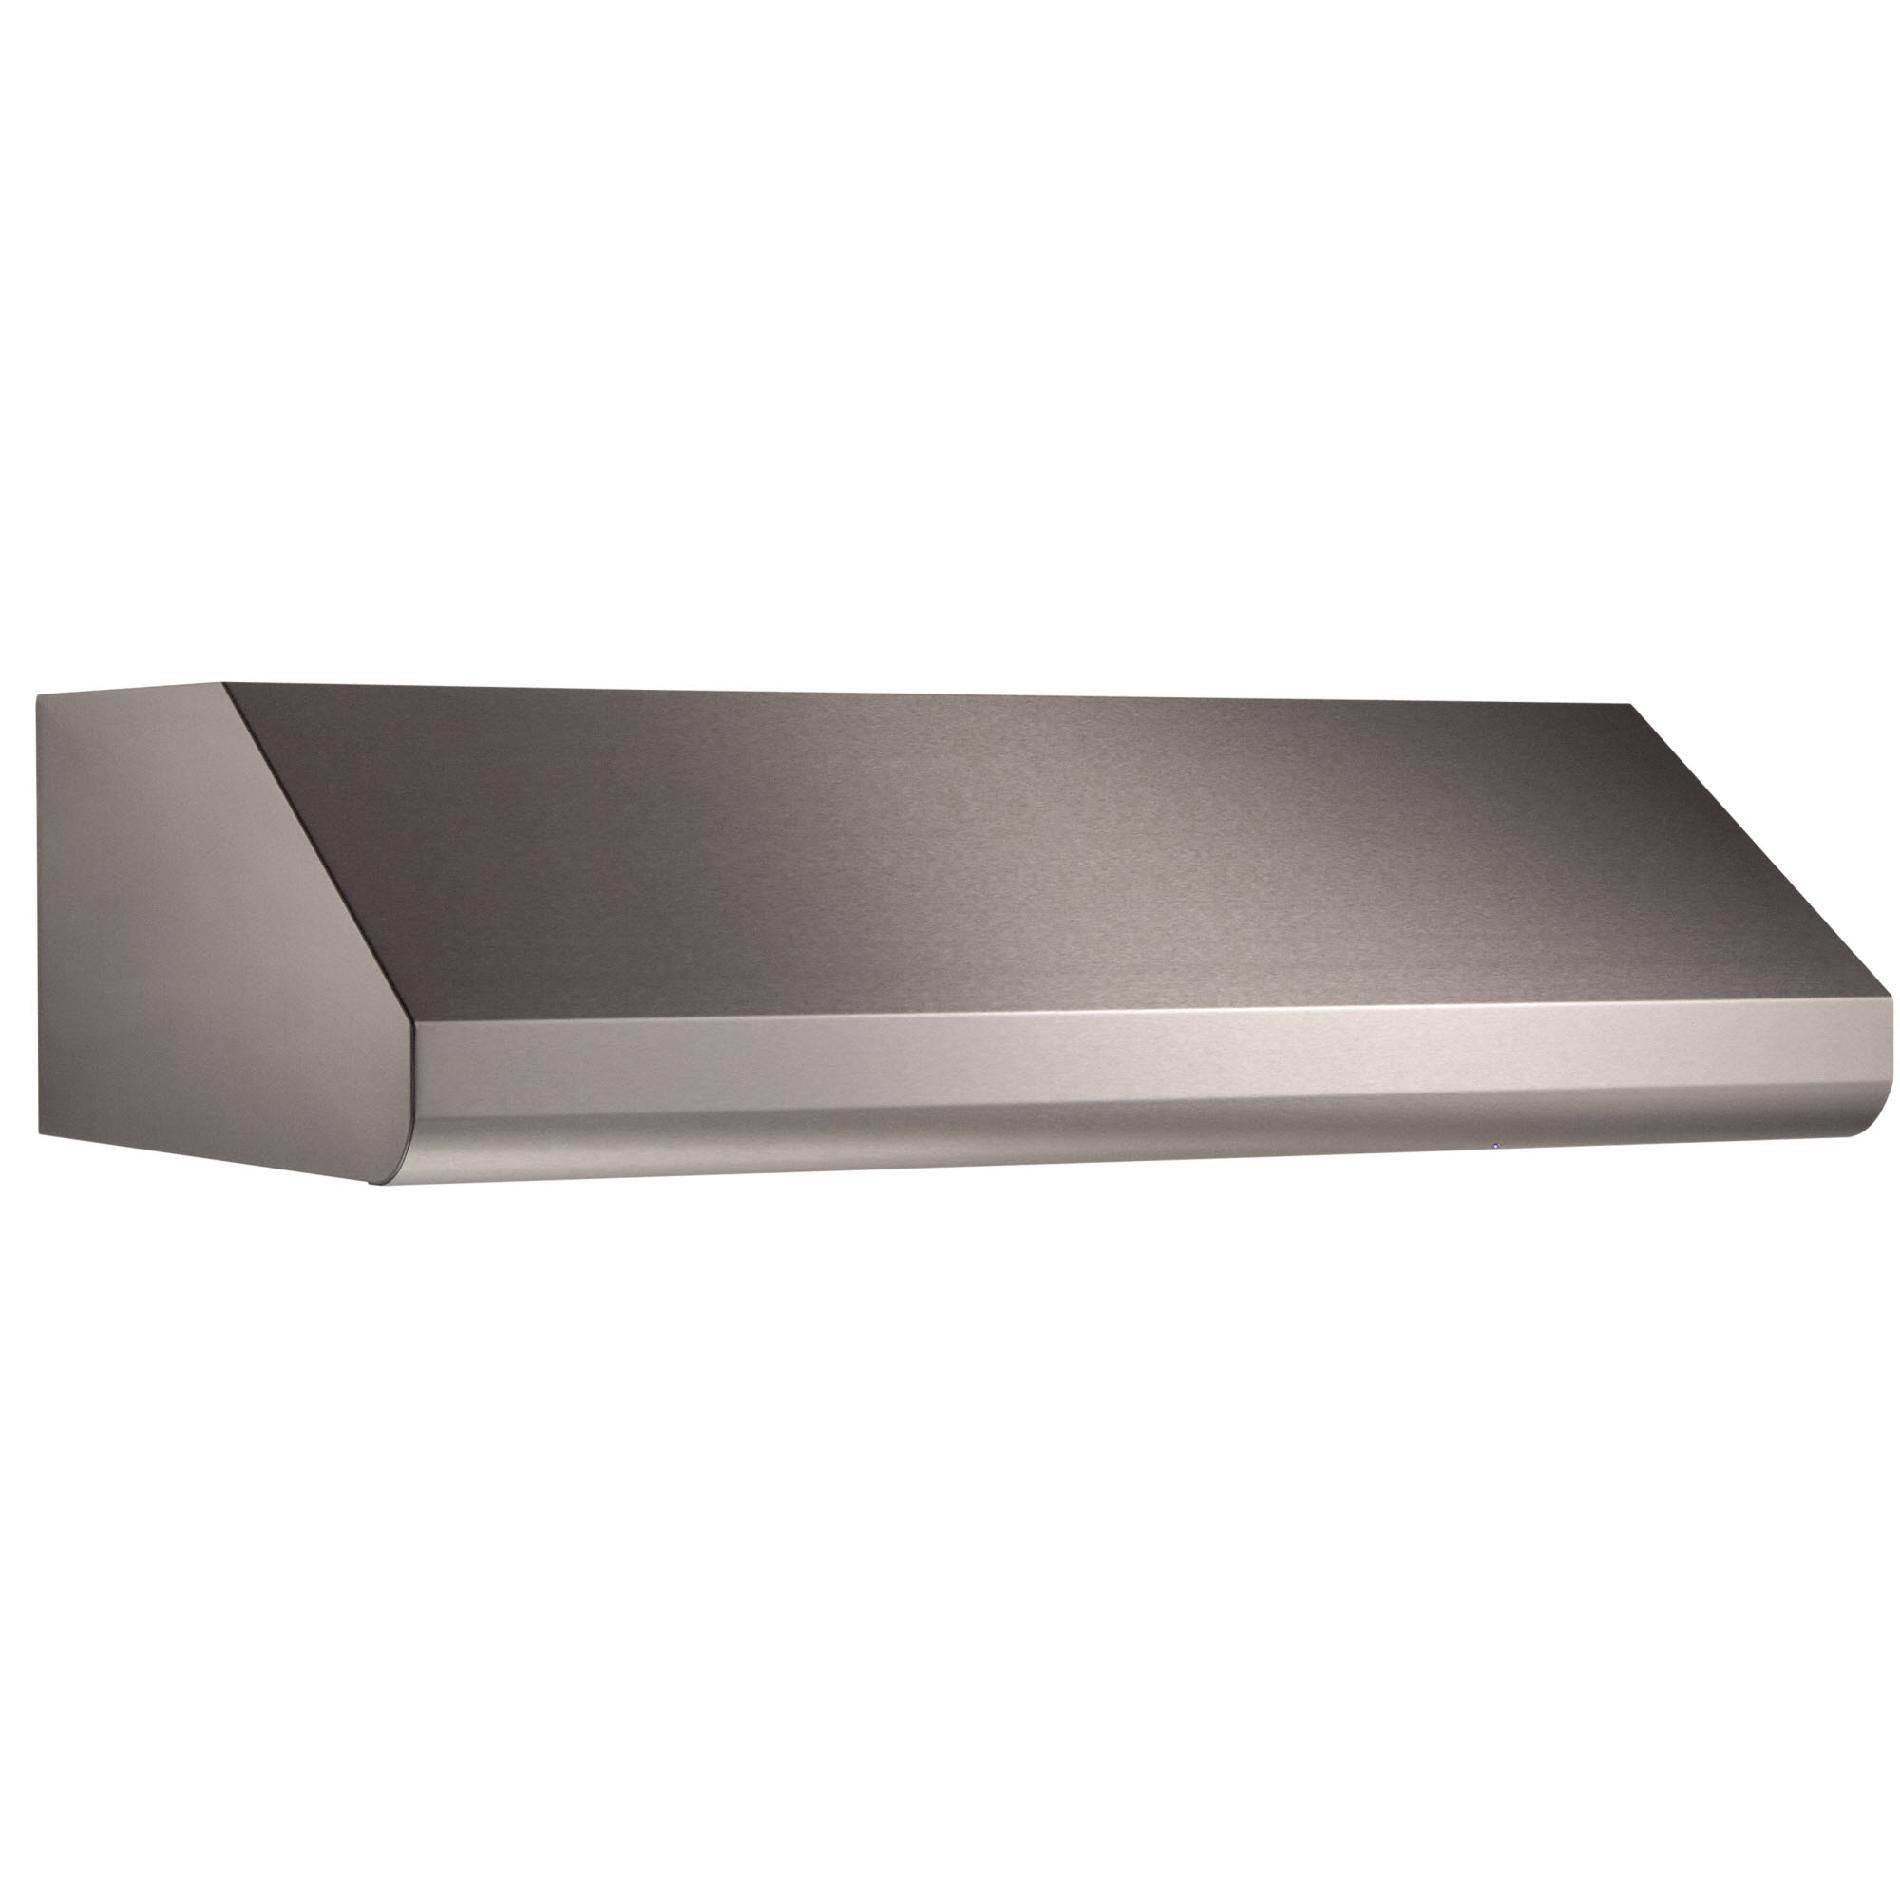 Broan Range Hood 30 Stainless Steel